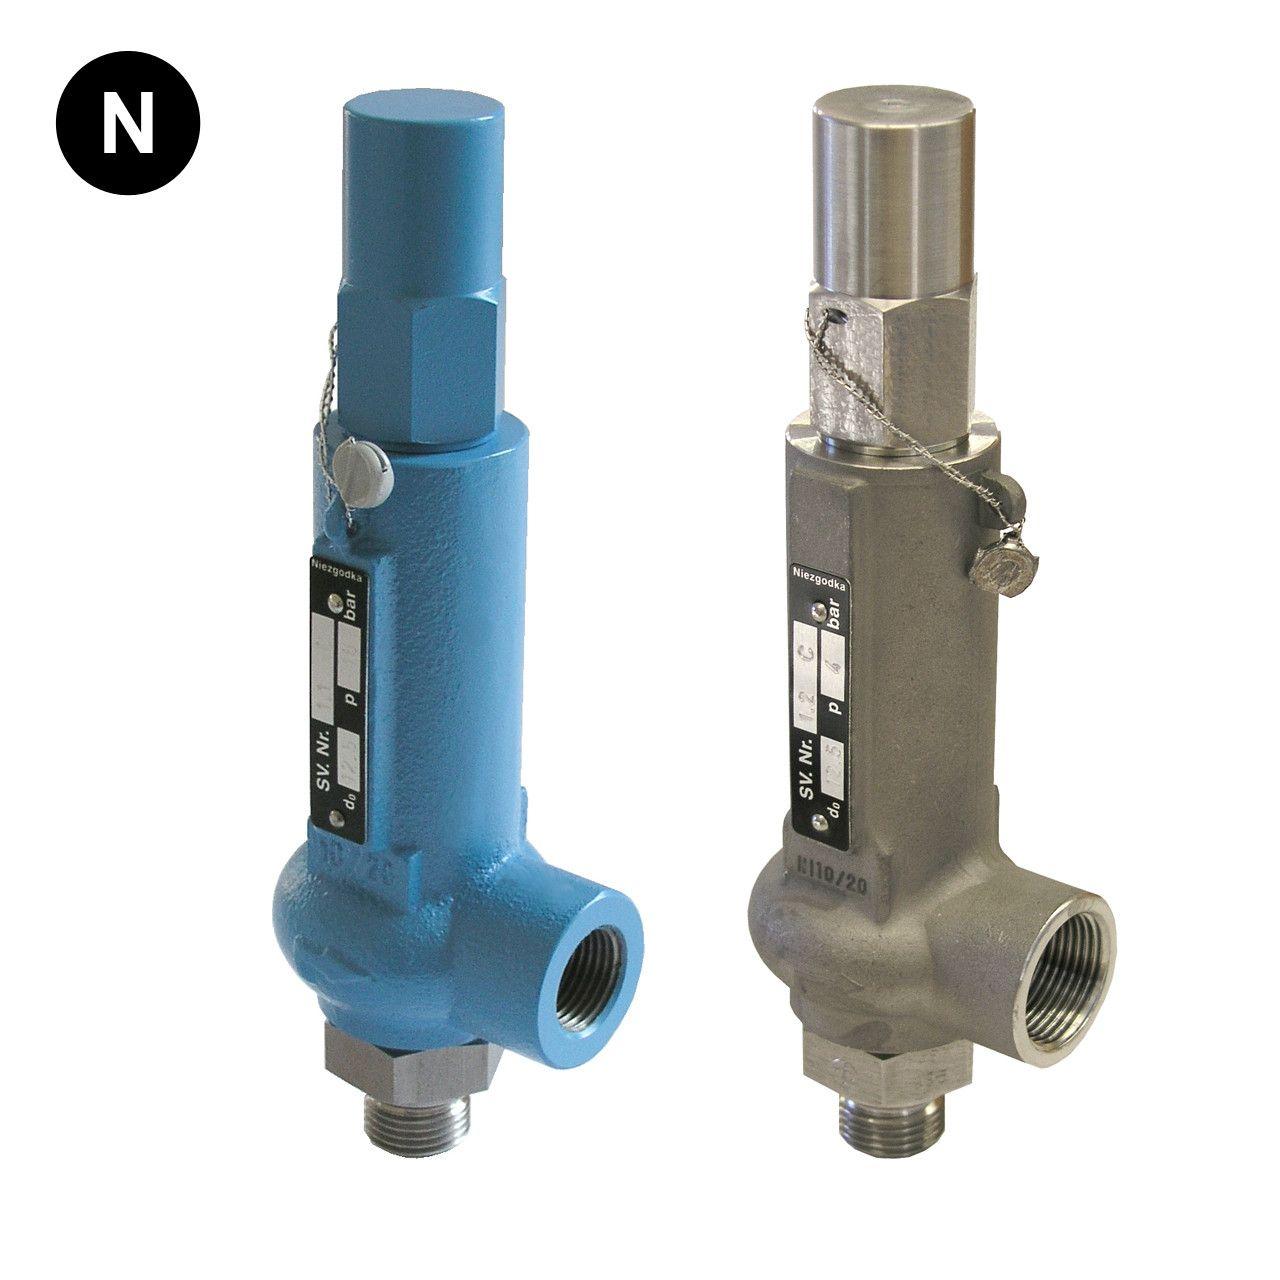 Niezgodka Type 1 Relief Valve Relief valve, Valve, Relief